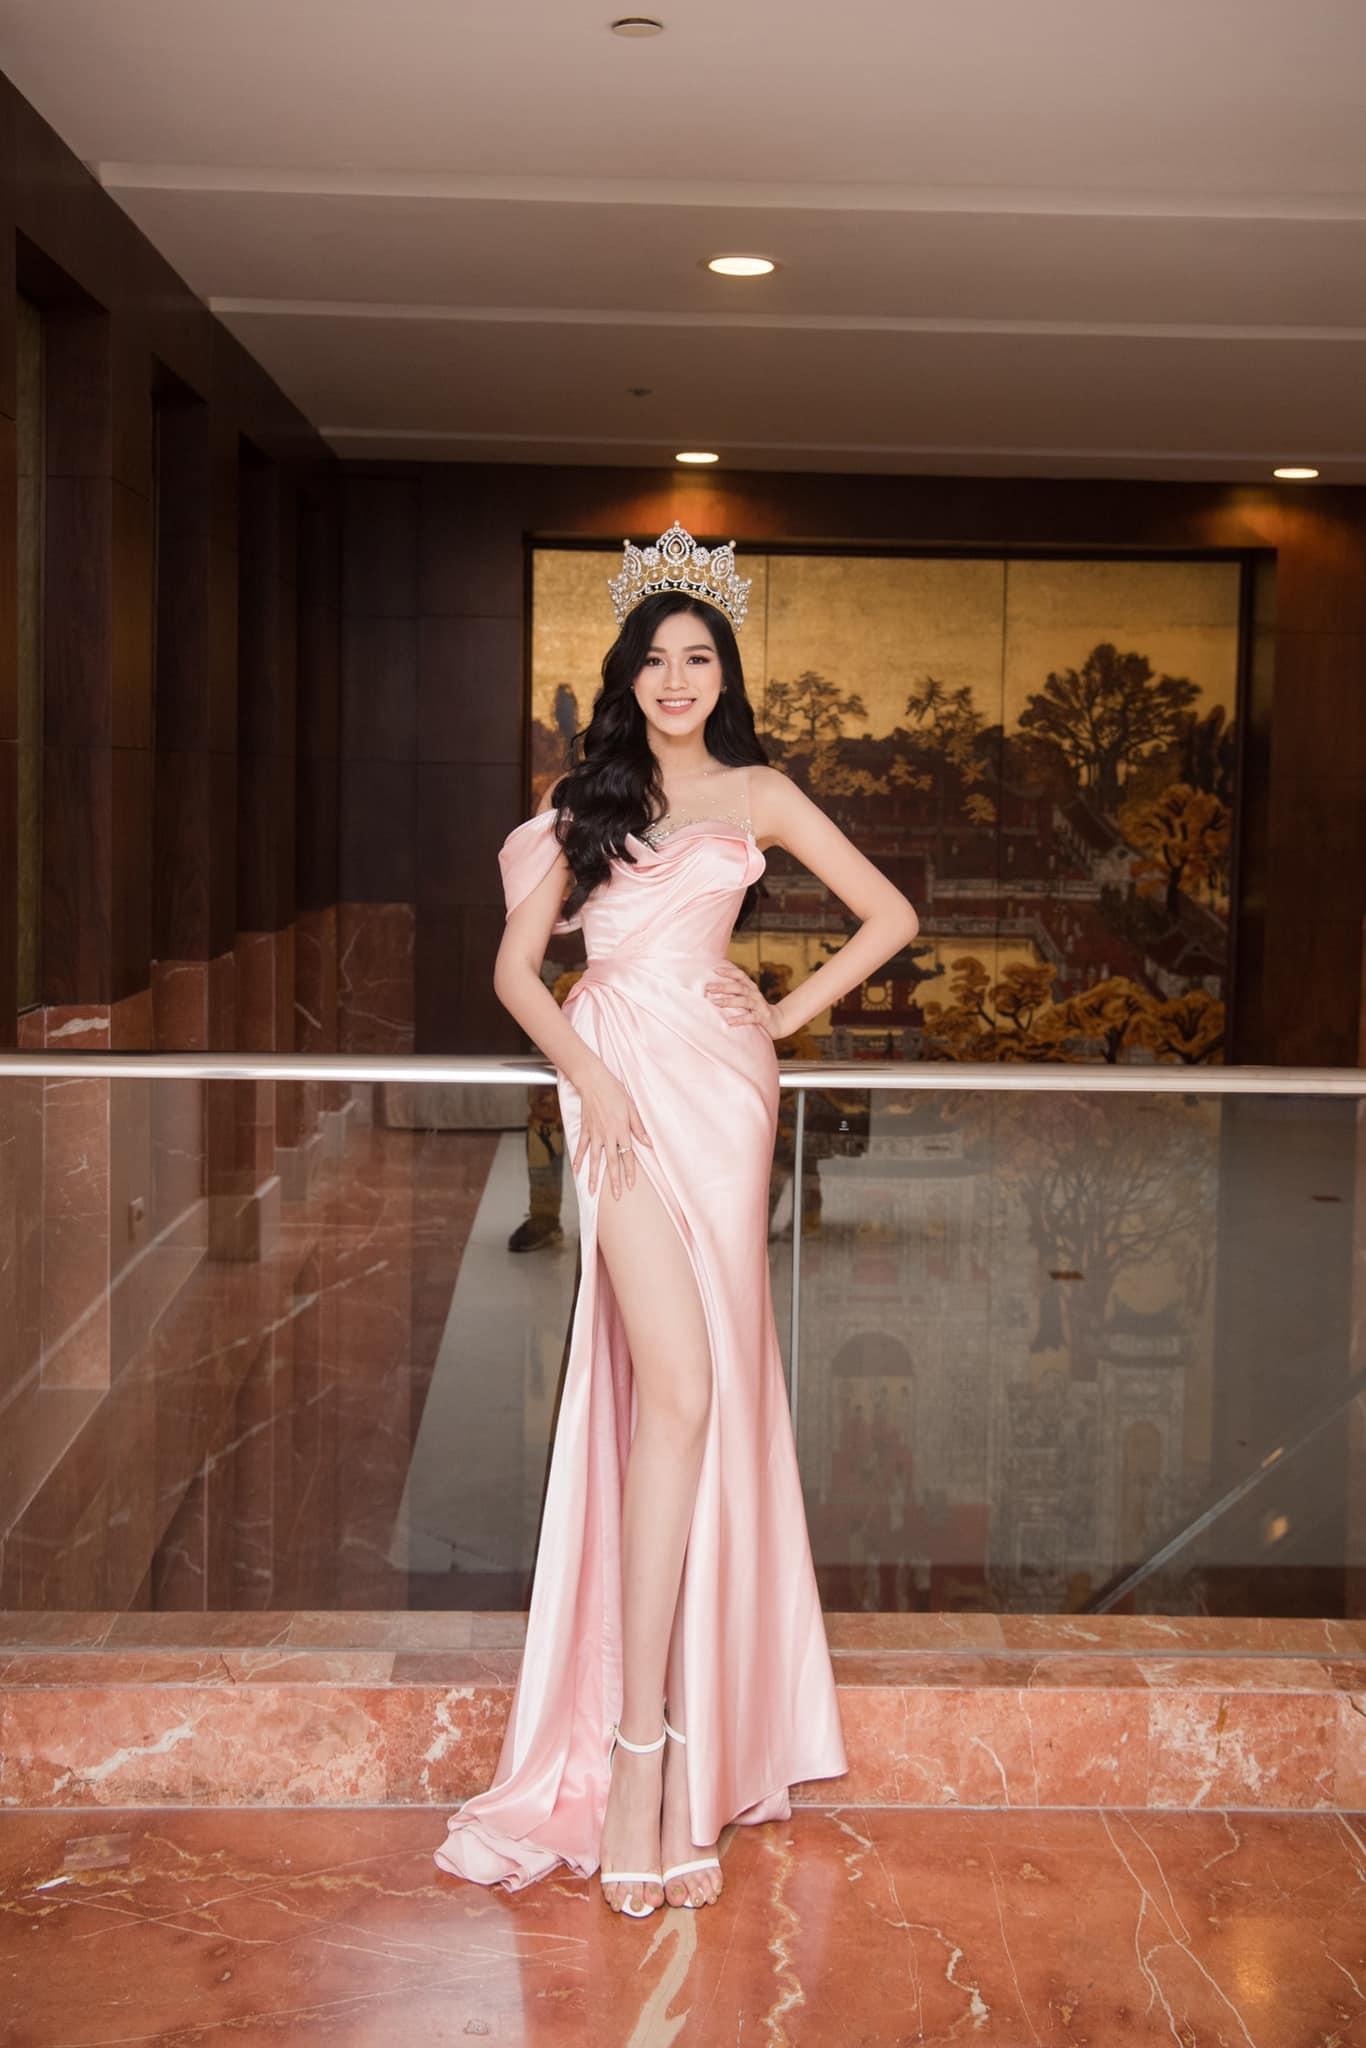 HH Đỗ Thị Hà luôn khoe đôi chân dài 1m11 và tỷ lệ 1/5 cực phẩm nhờ một kiểu váy đỉnh của chóp - Ảnh 3.